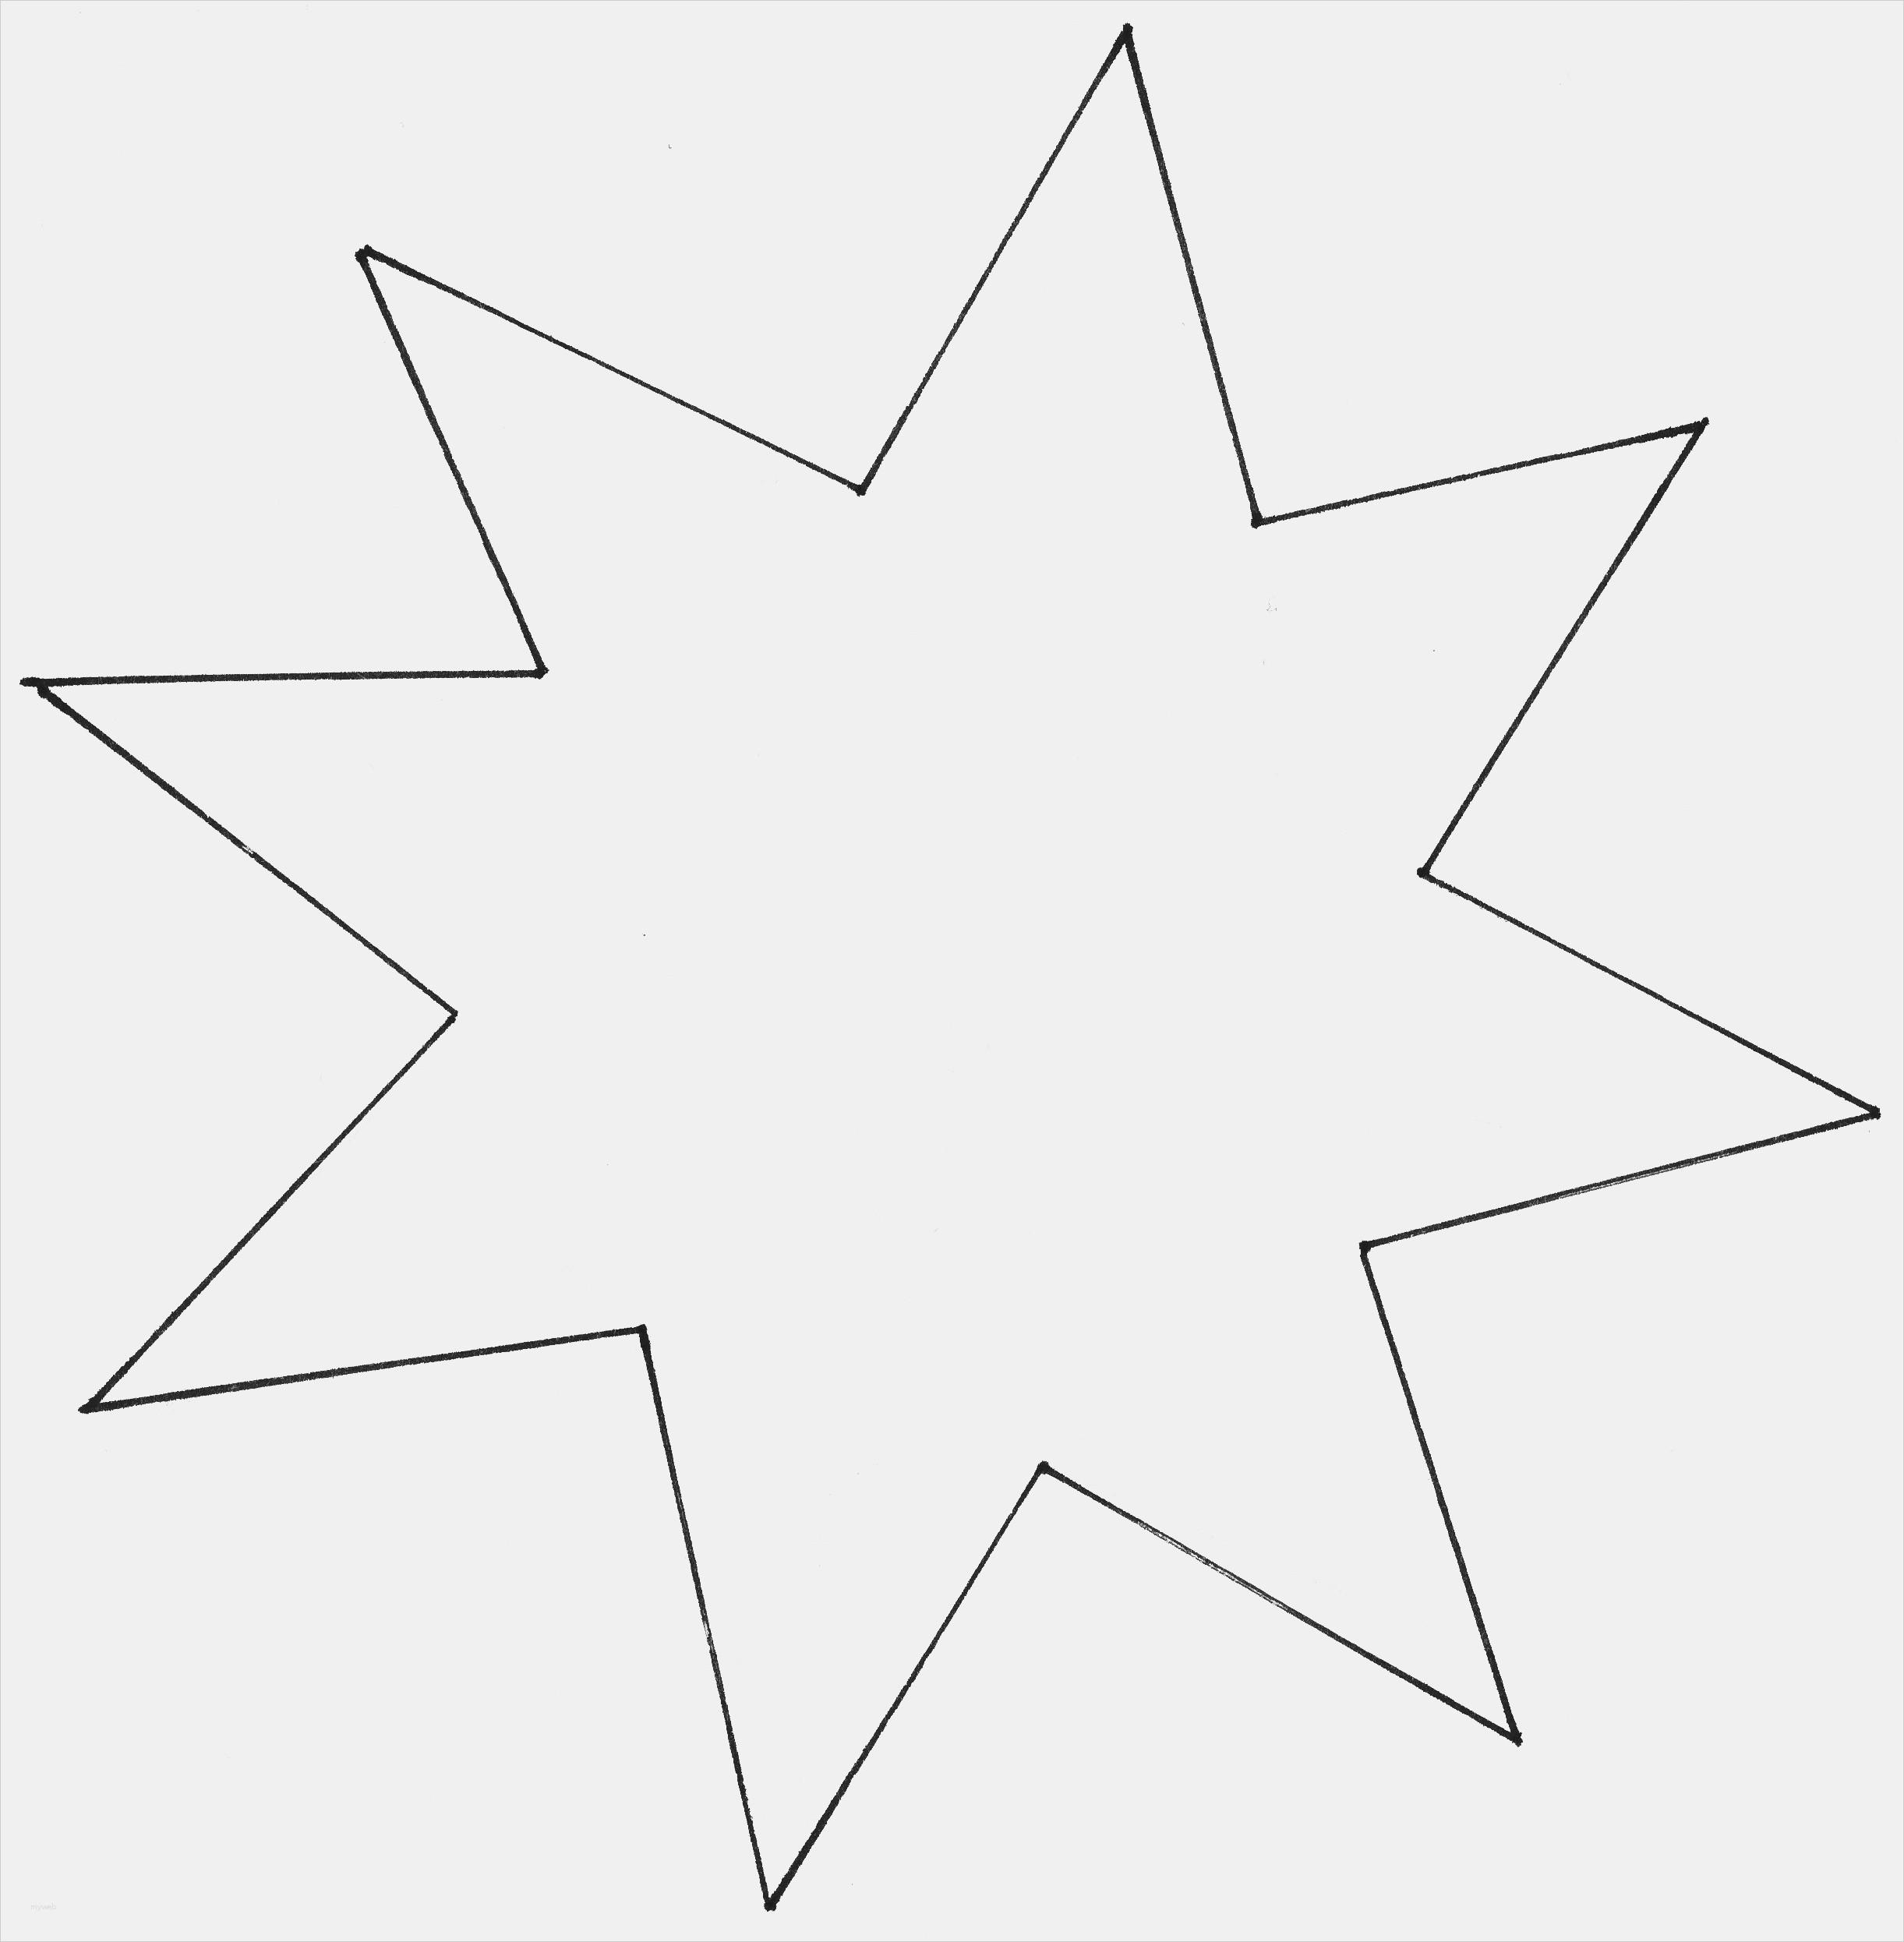 Ausmalbilder Advent Weihnachten Kostenlos Inspirierend Ausmalbilder Weihnachten Stern Kostenlos Ausmalbilder Fur Stock